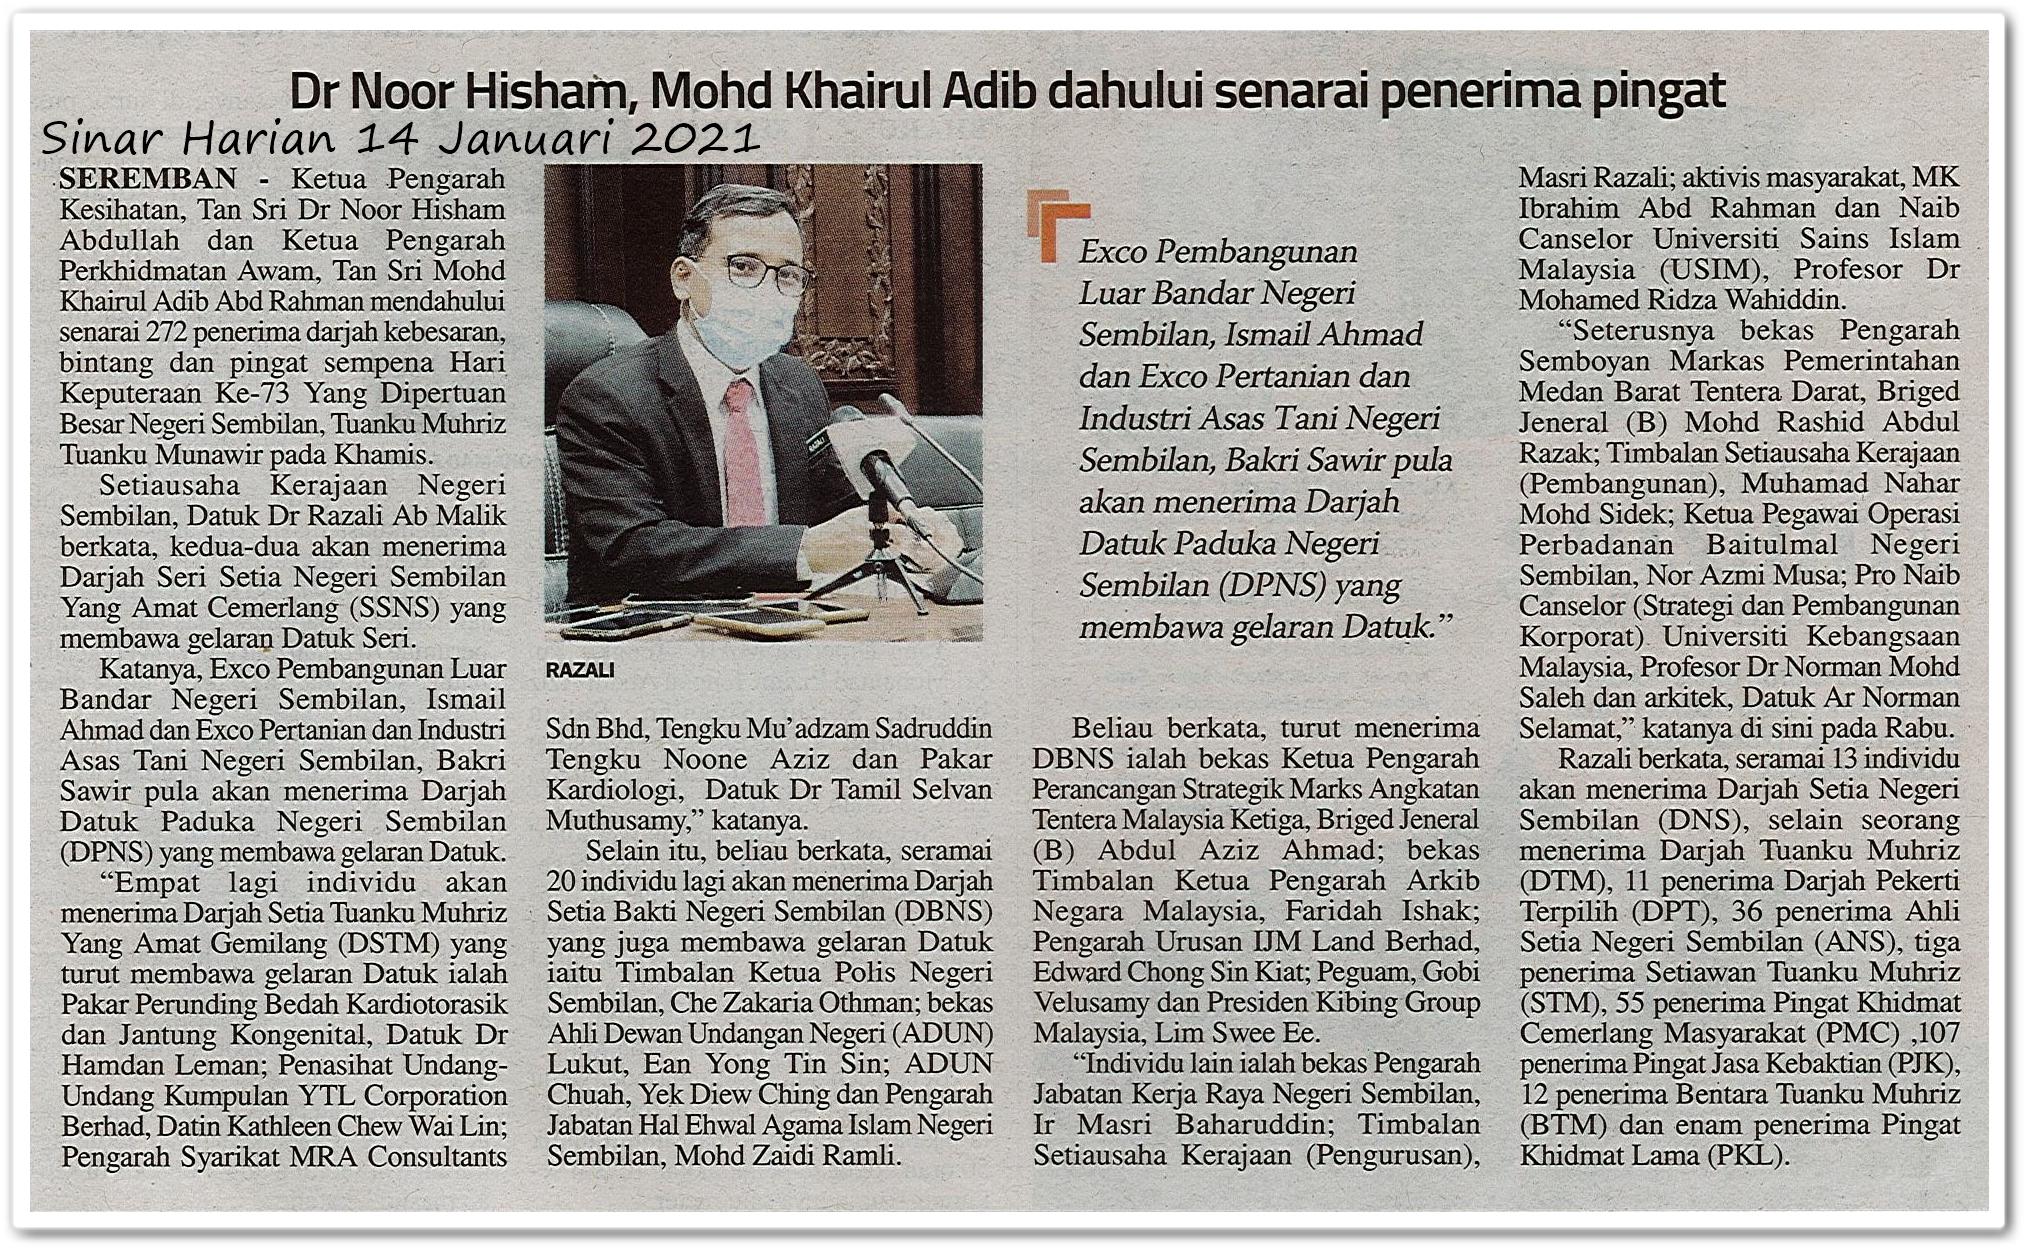 Dr Noor Hisham, Mohd Khairul Adib dahului senarai penerima pingat - Keratan akhbar Sinar Harian 14 Januari 2021